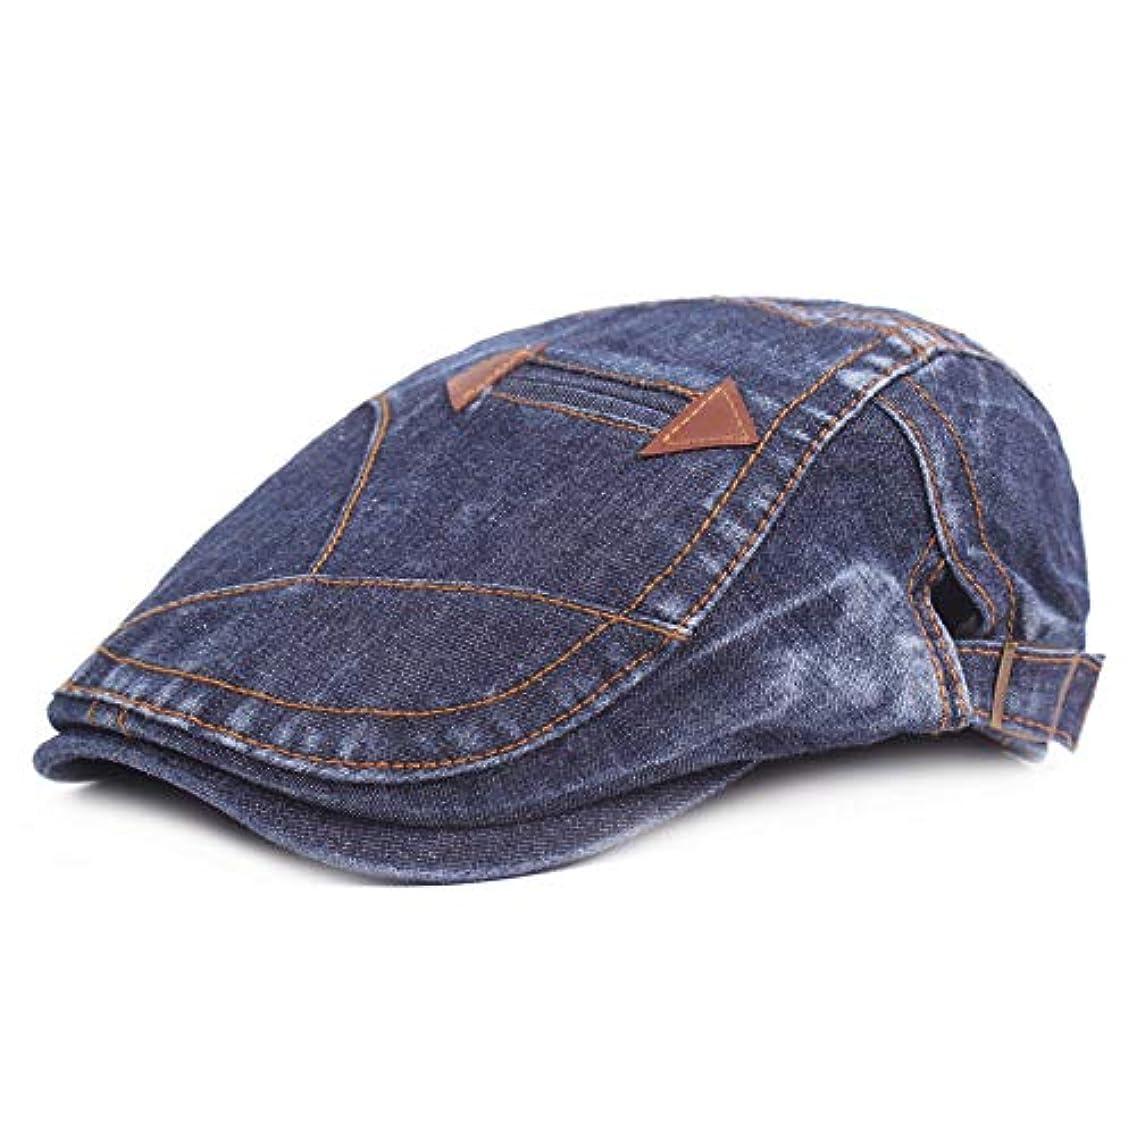 砲撃合理化家族ベレー帽 ユニセックス おしゃれ 綿 ハンチング帽子 紫外線対策調節可能 日よけ 帽子